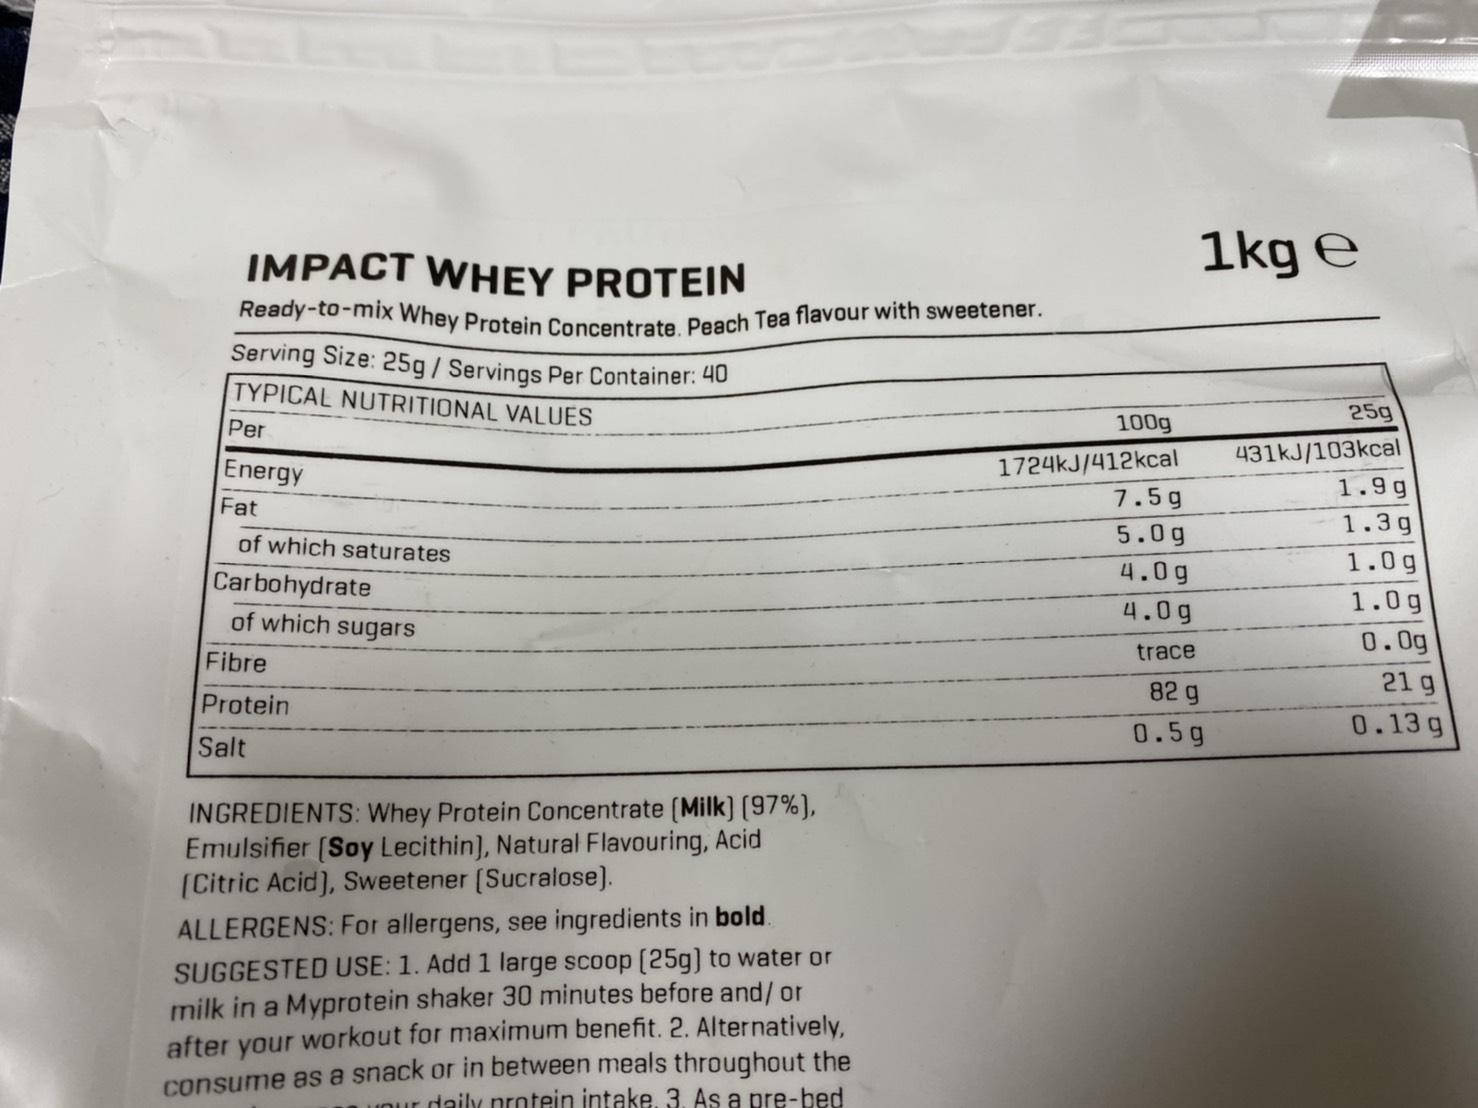 Impactホエイプロテイン:ピーチティー味の成分表